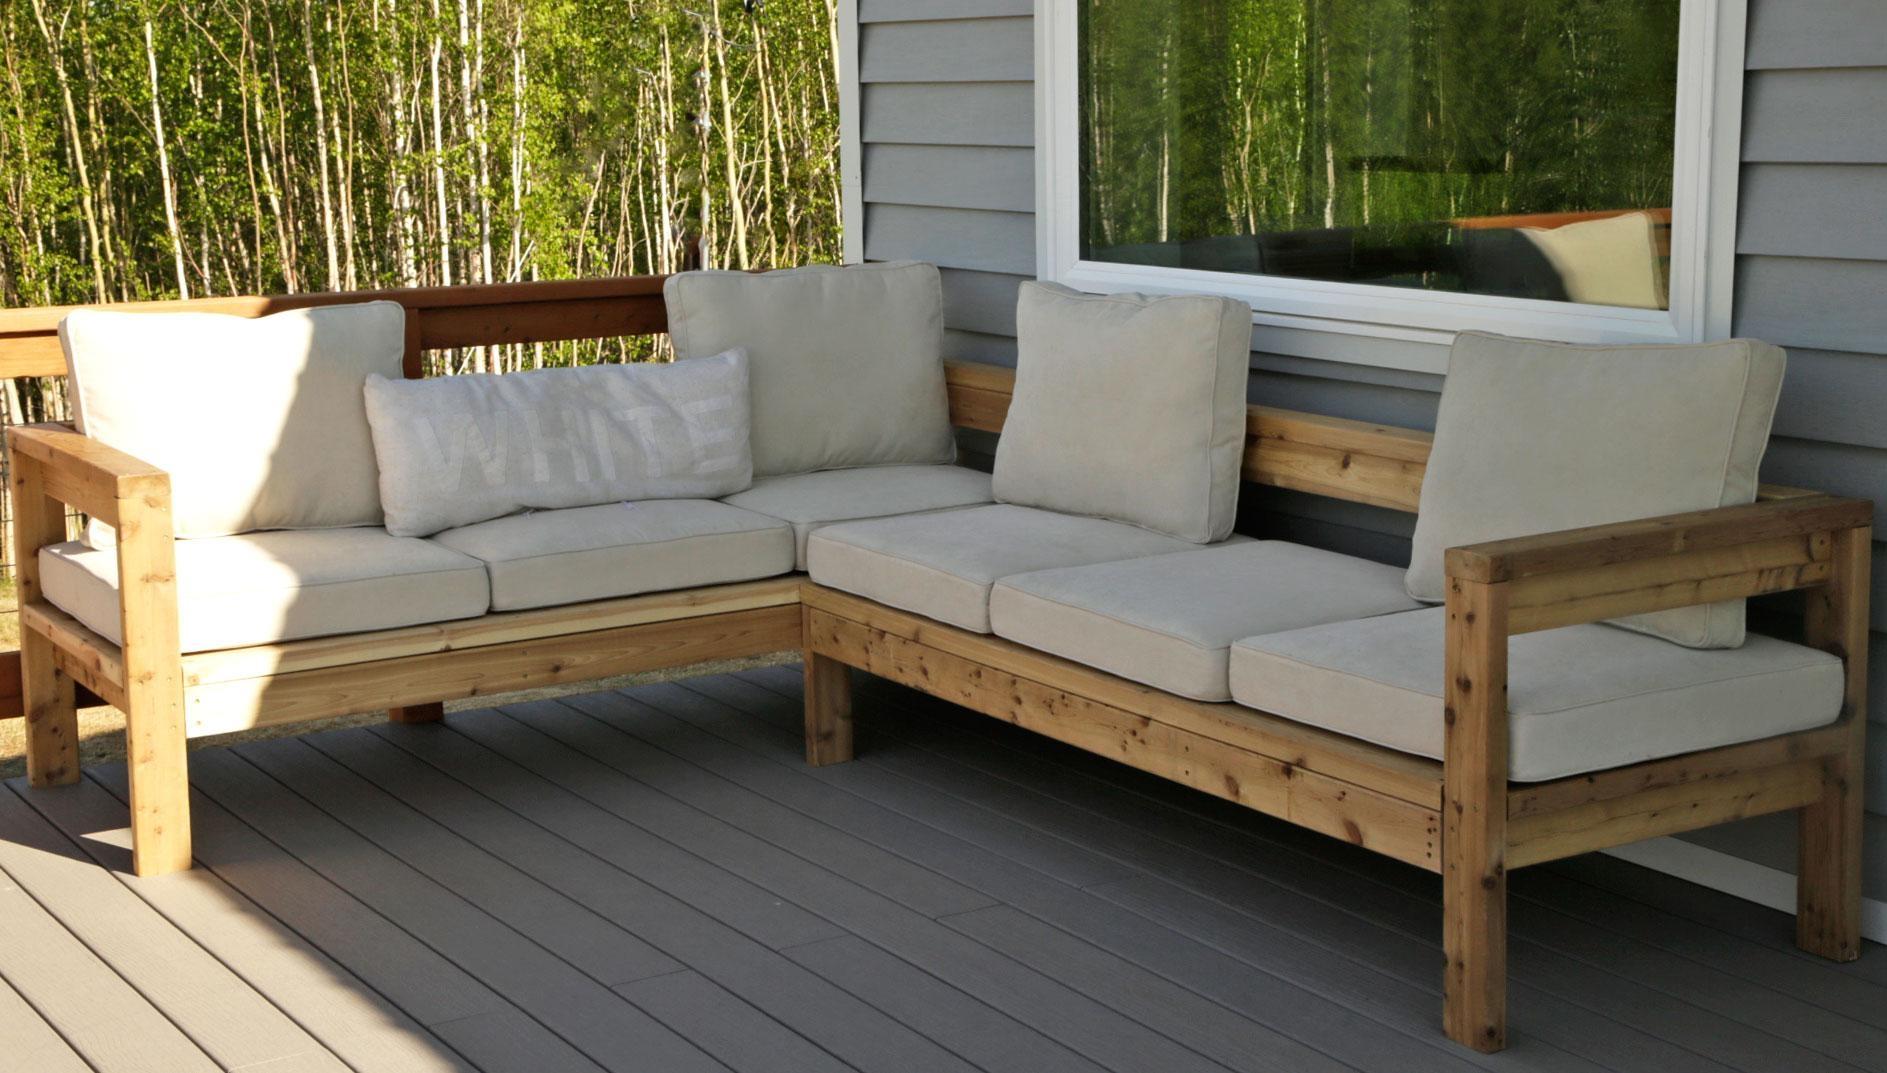 Ryobi Nation Regarding Ana White Outdoor Sectional Sofas (View 2 of 20)